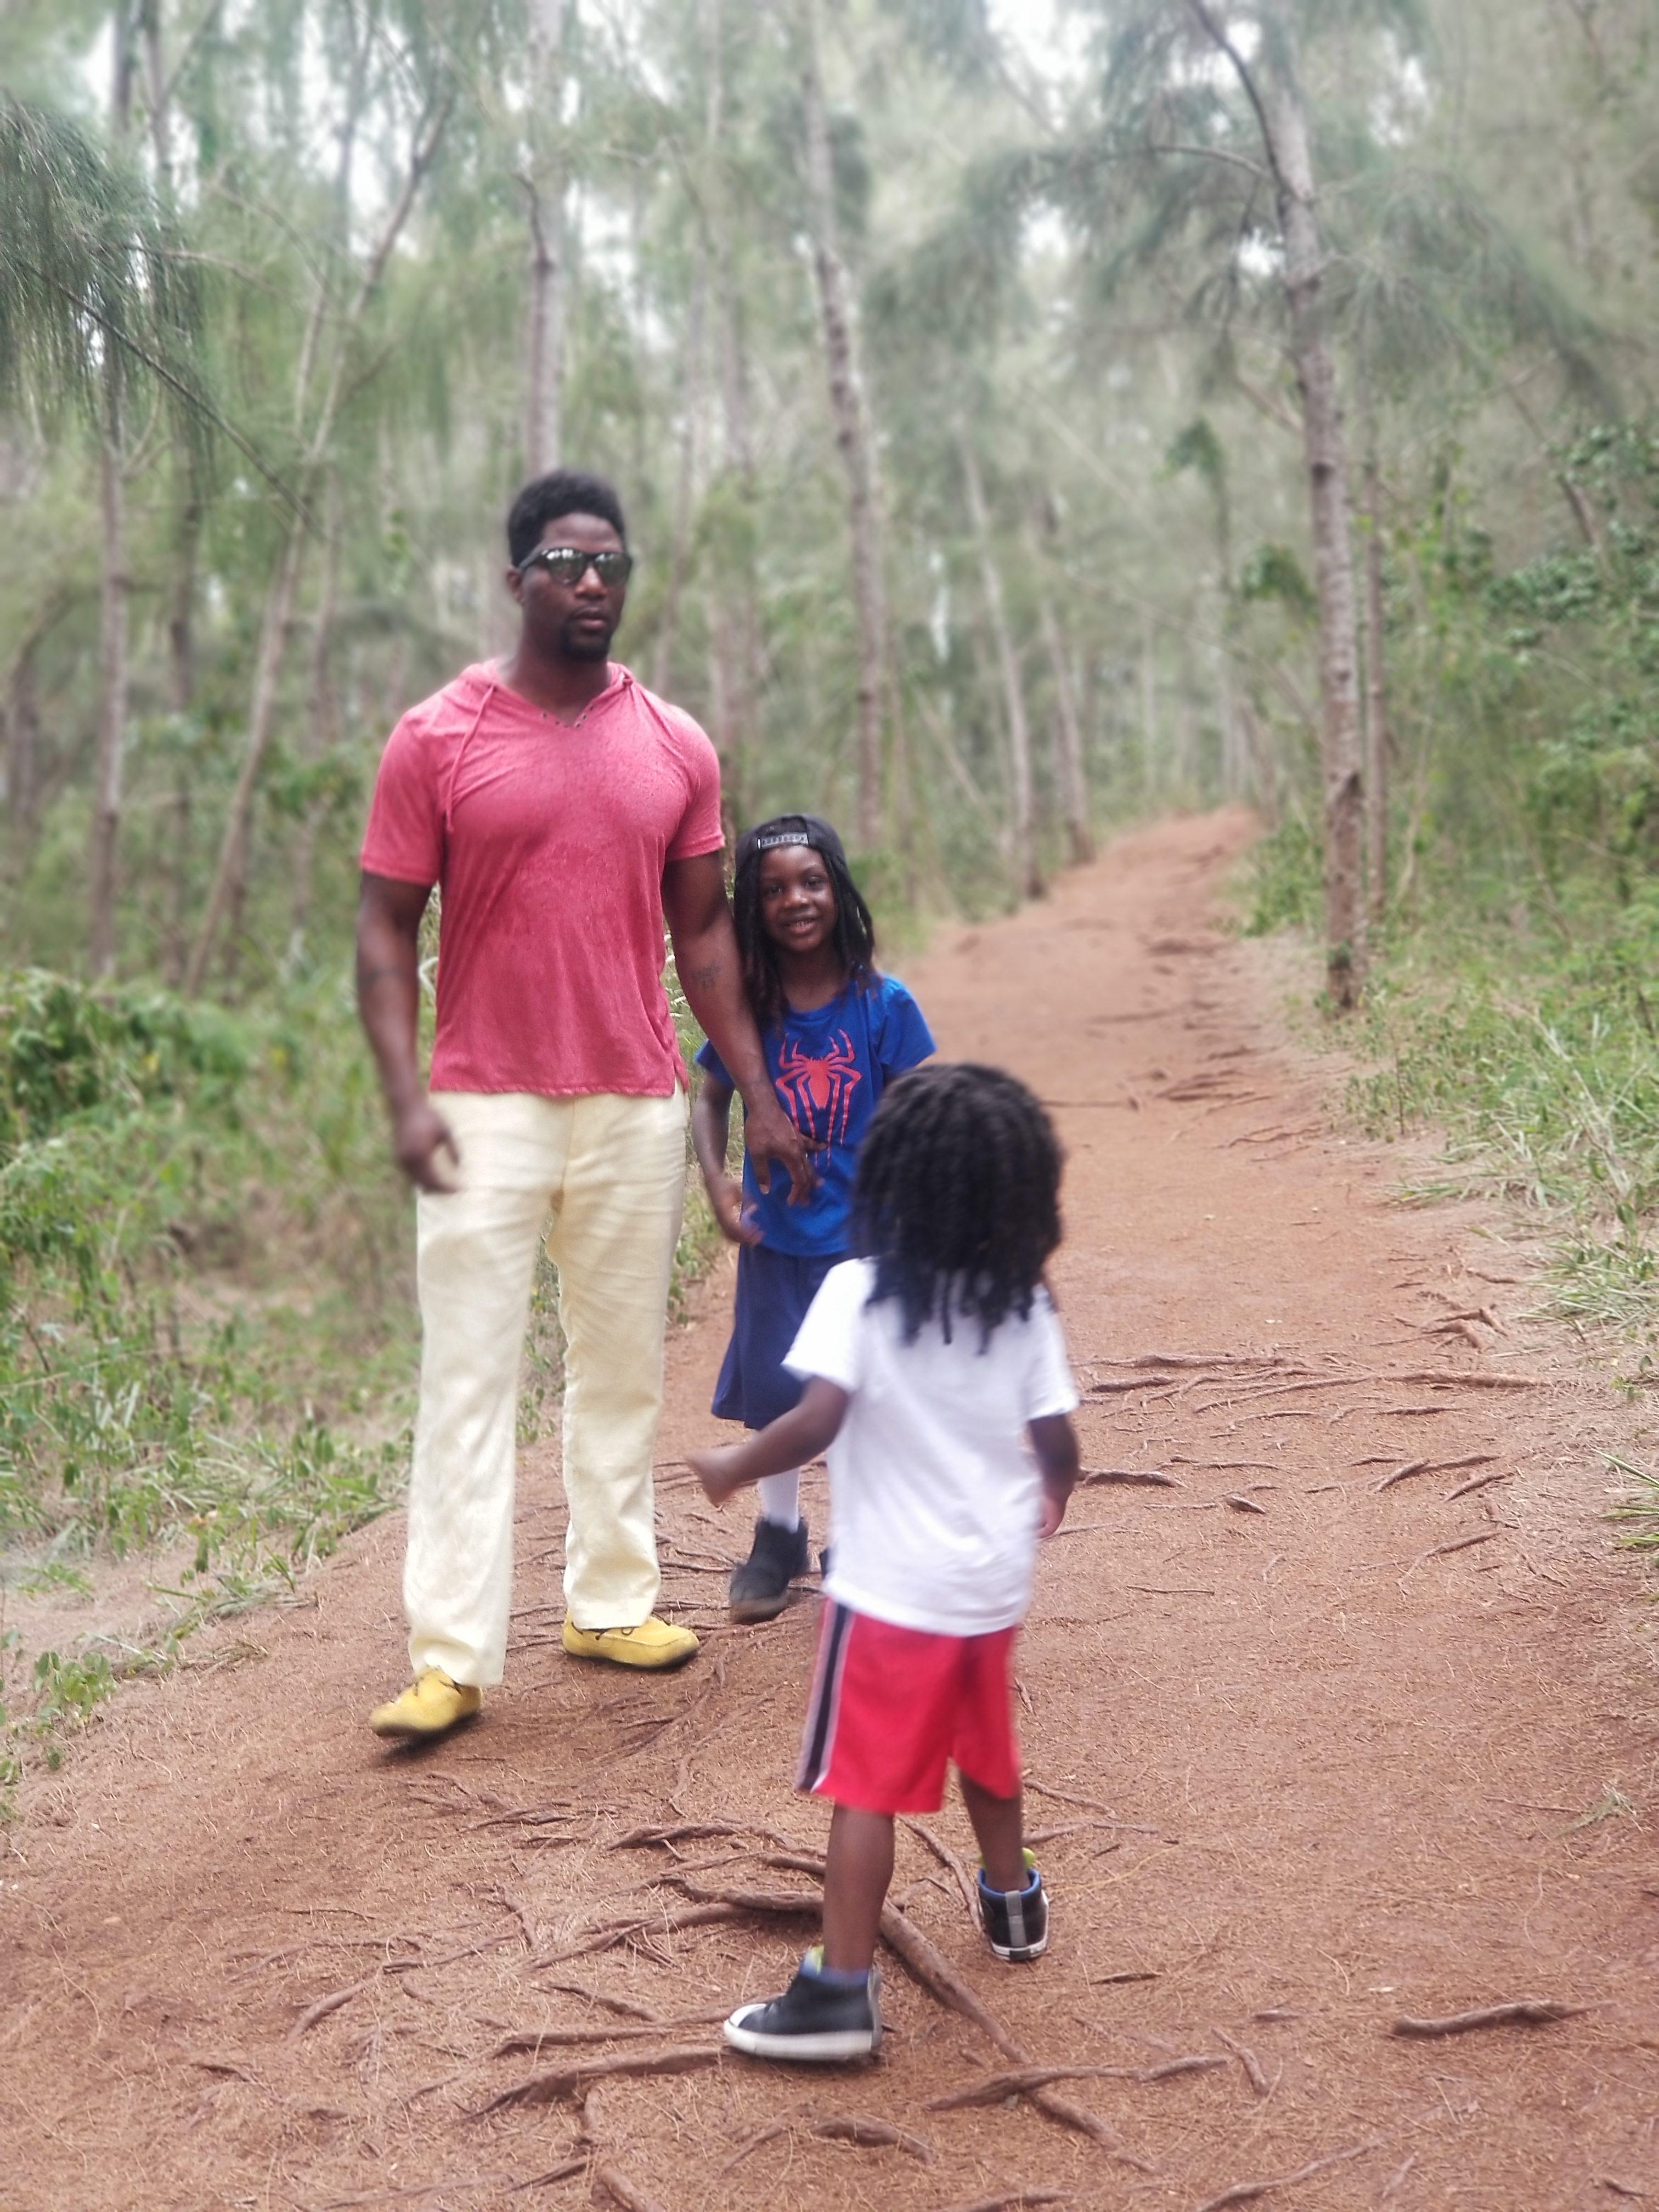 pillbox hike- family friendly hikes on oahu- hiking in oahu- kid friendly hikes hawaii- kid friendly hikes oahu